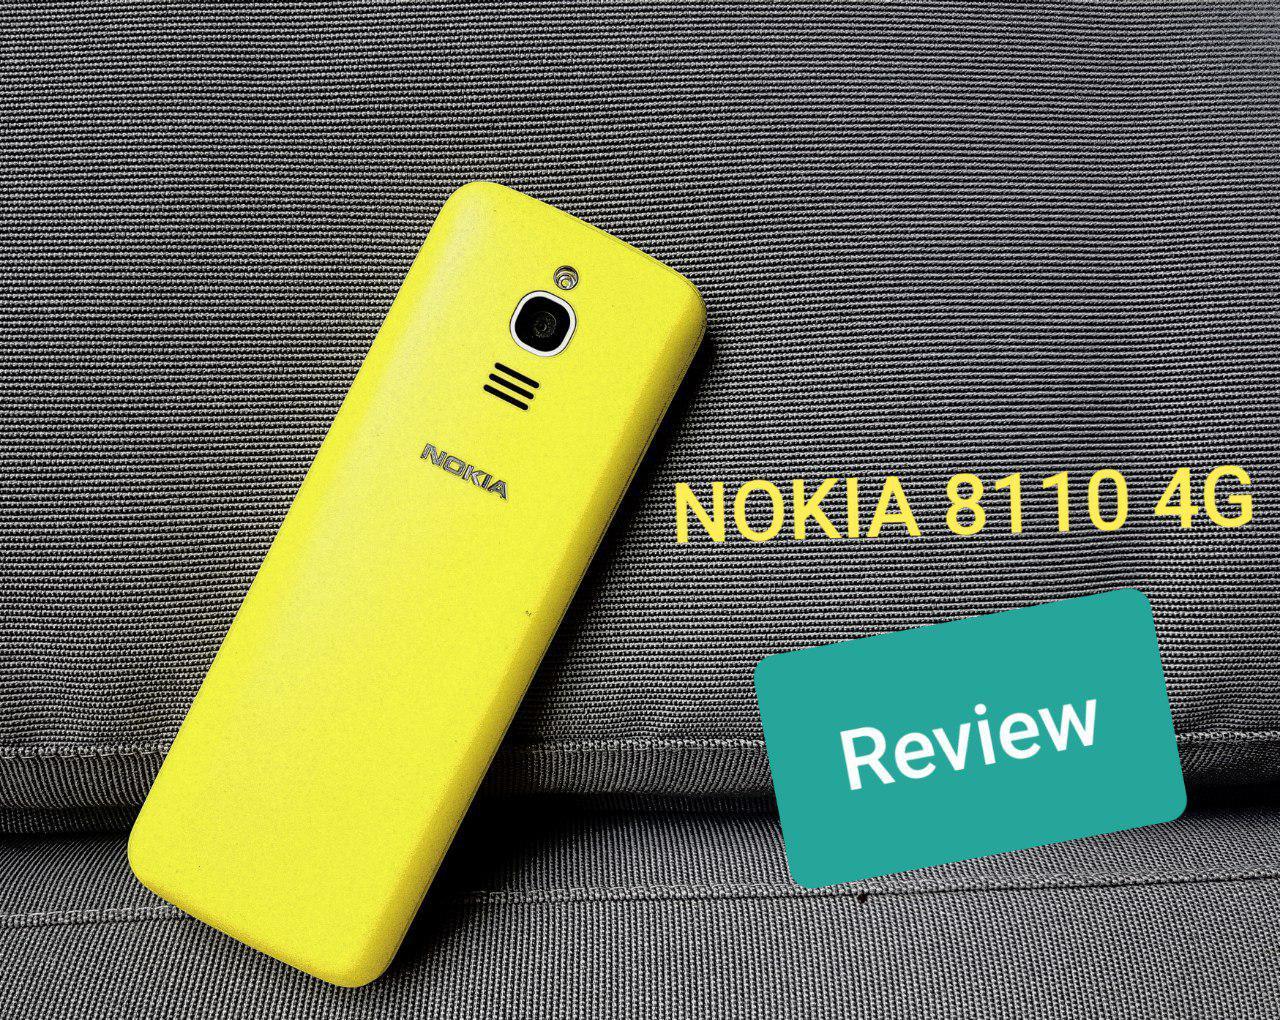 Nokia 8110 4G Test